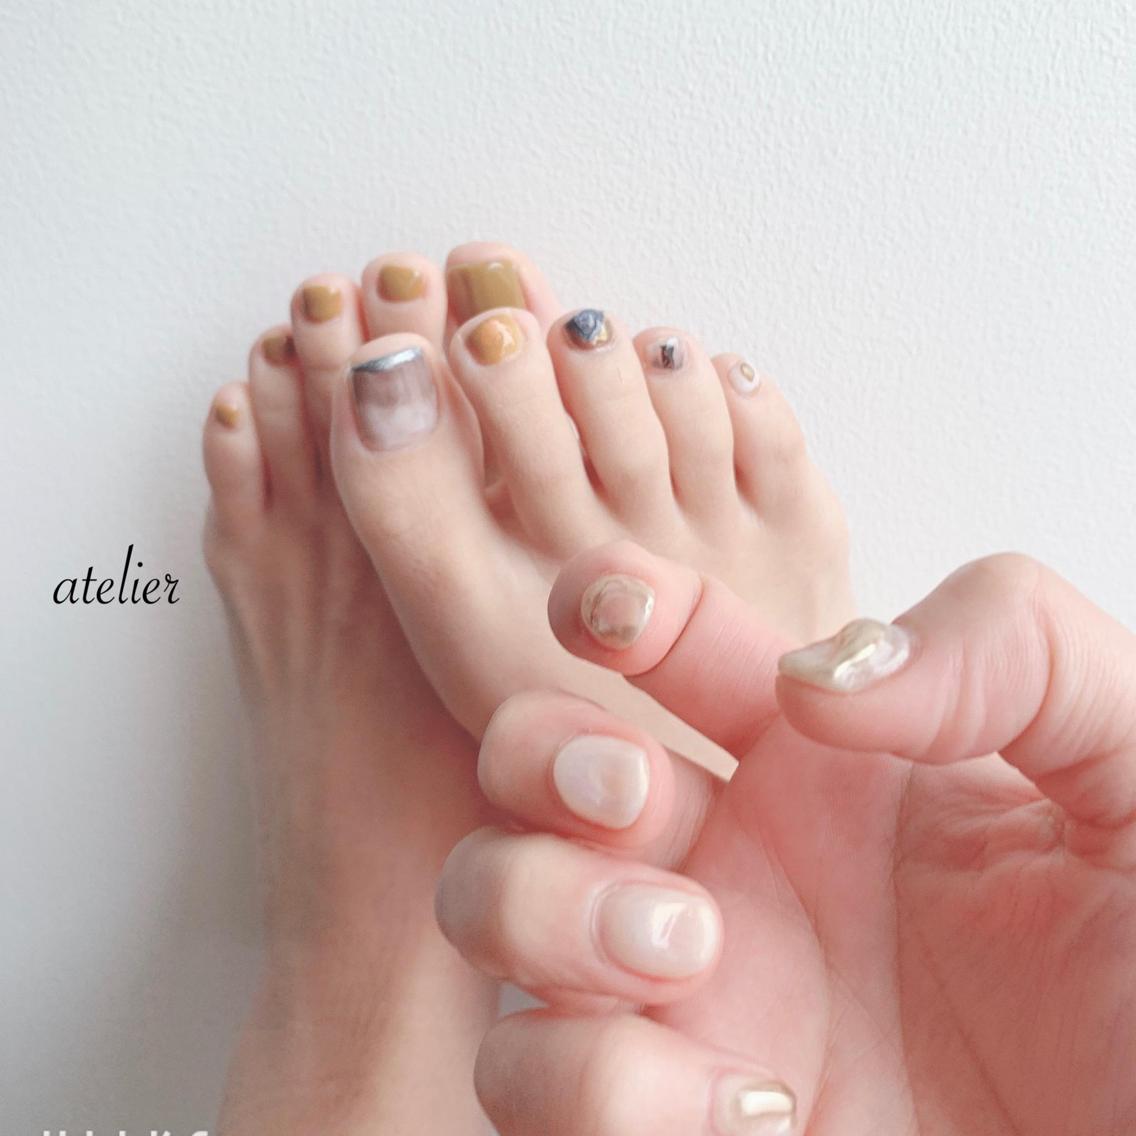 Atelier-01所属・atelier-01ブラジリアンの掲載